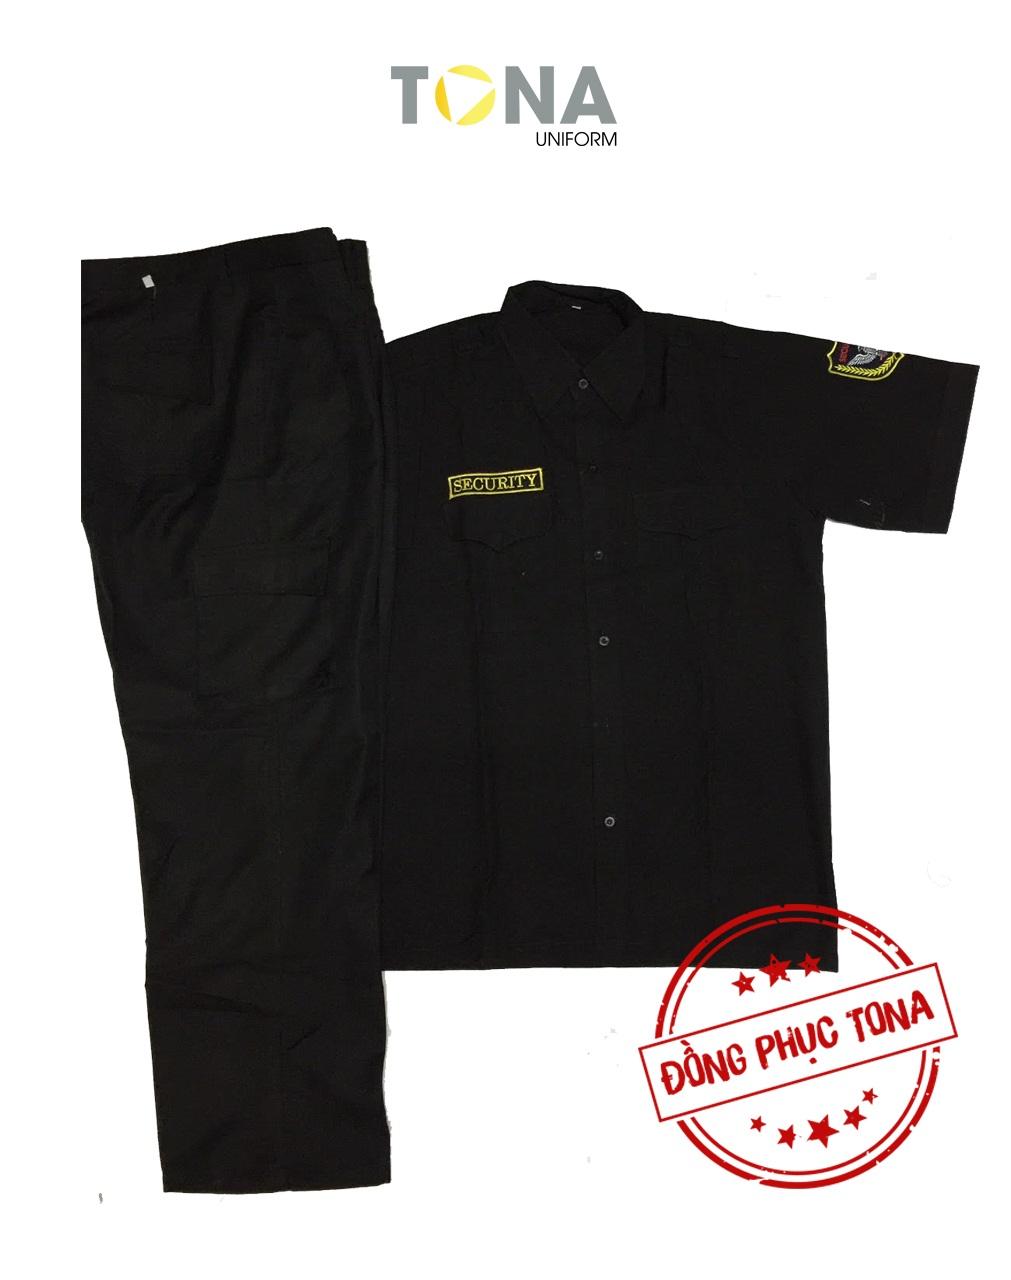 Áo bảo vệ đen tay ngắn có sẵn mẫu 1